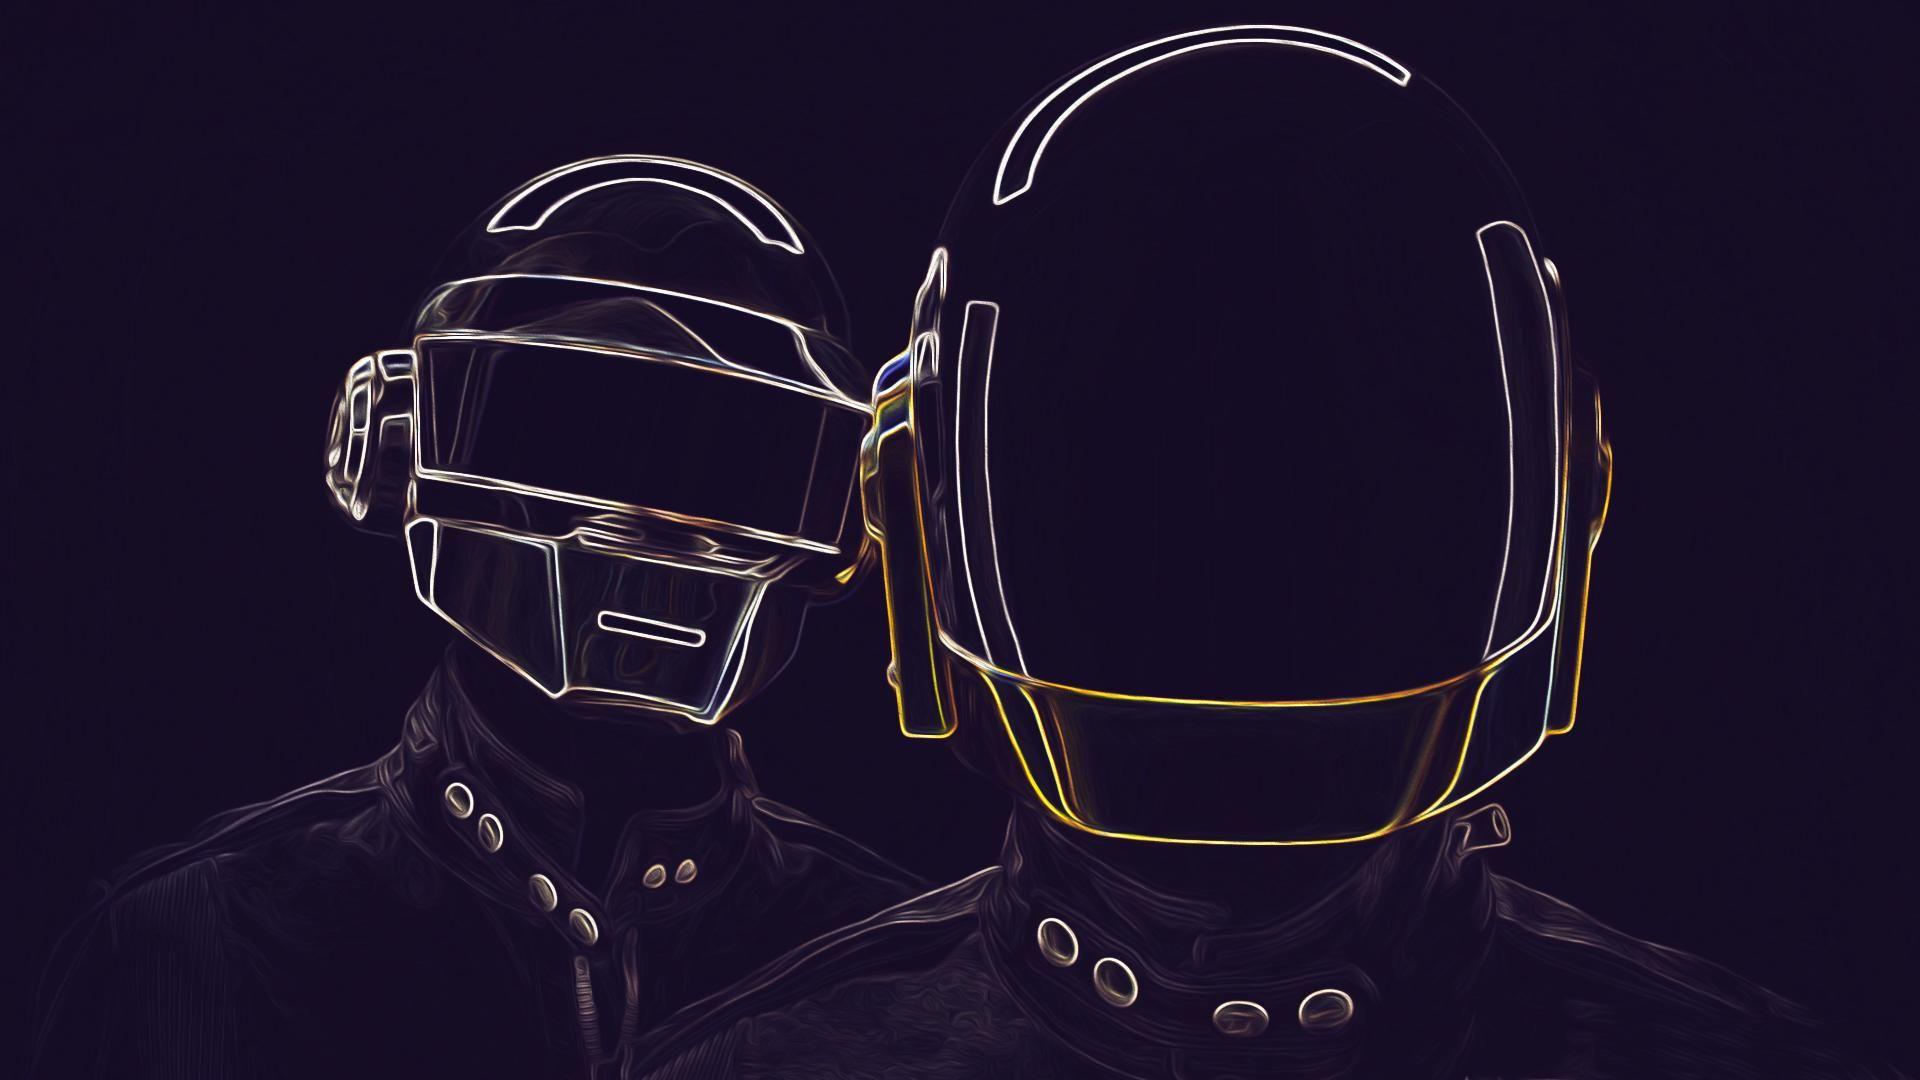 New Daft Punk Wallpaper Made Daftpunk Daft Punk Wallpaper 1920x1080